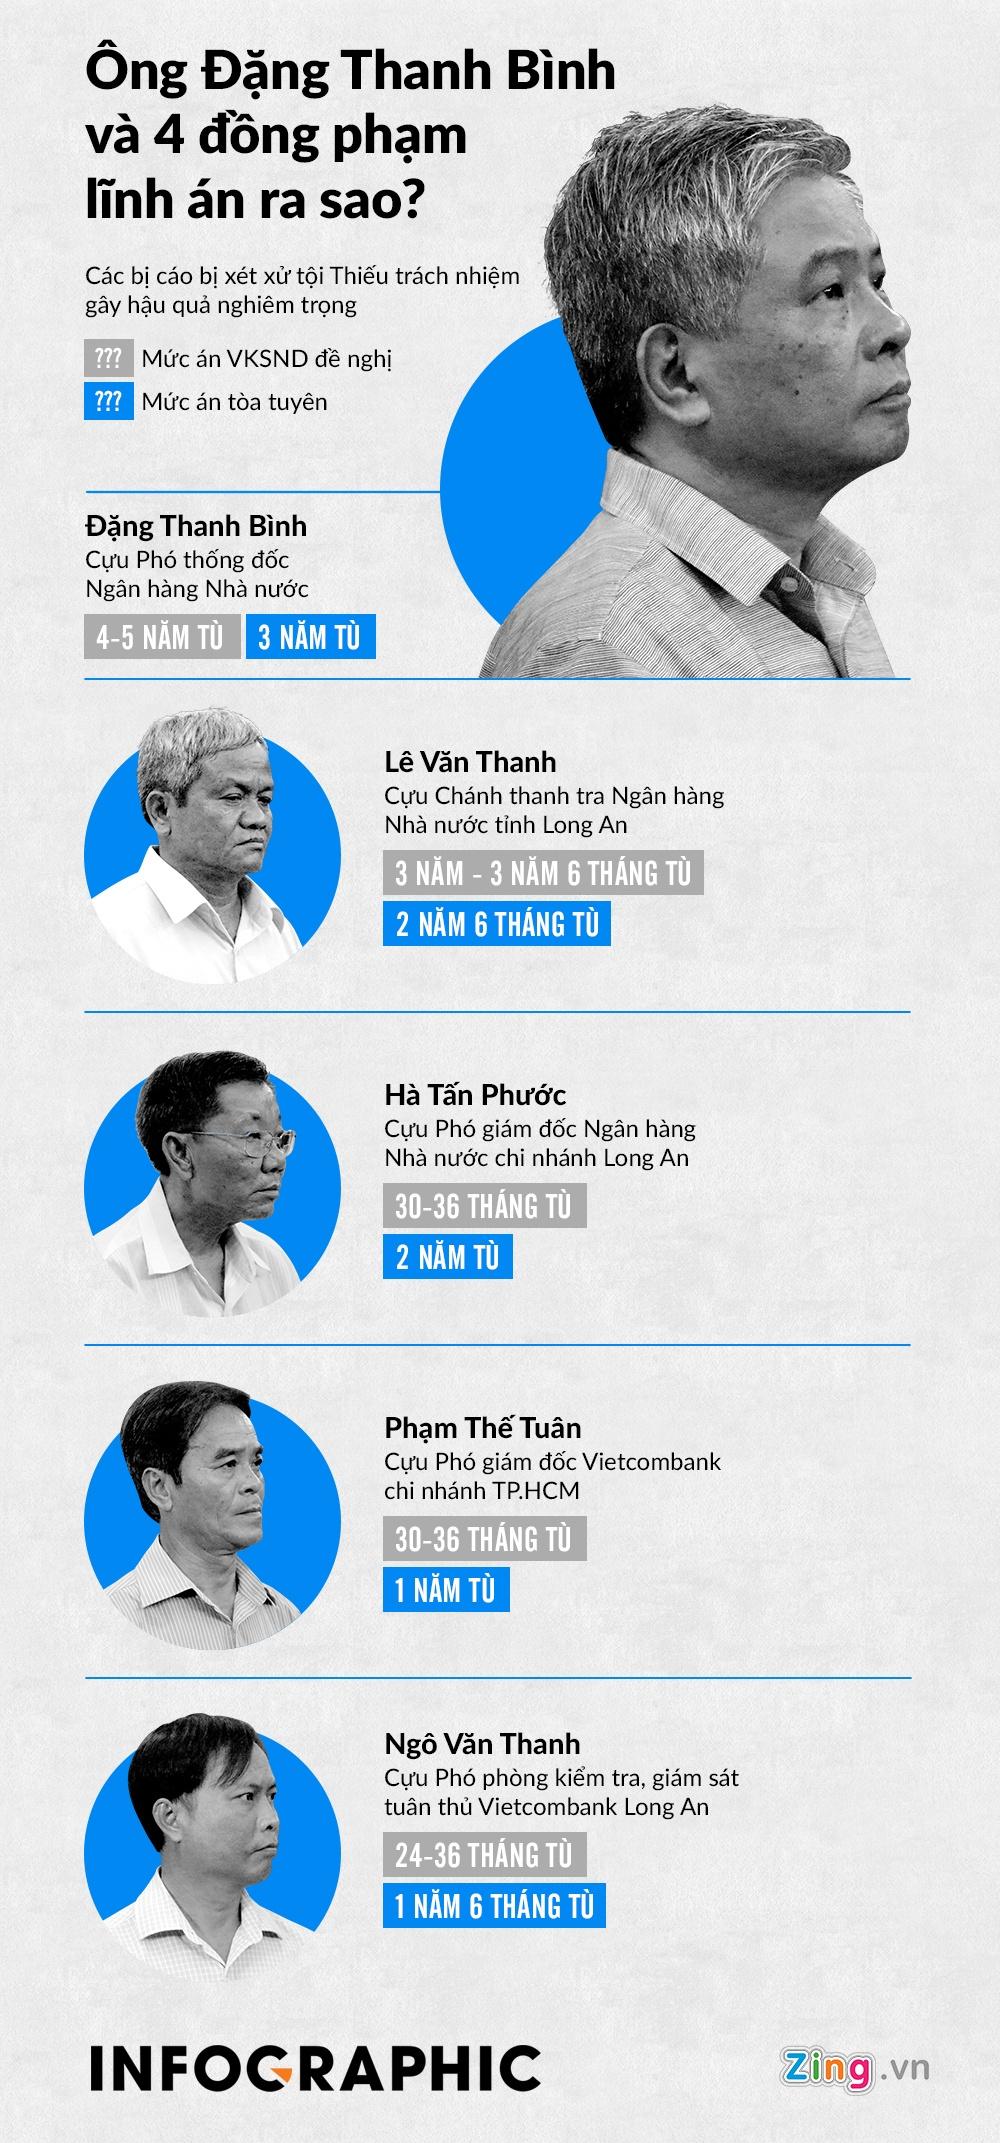 Cuu Pho thong doc NHNN Dang Thanh Binh va 4 dong pham linh muc an nao? hinh anh 1